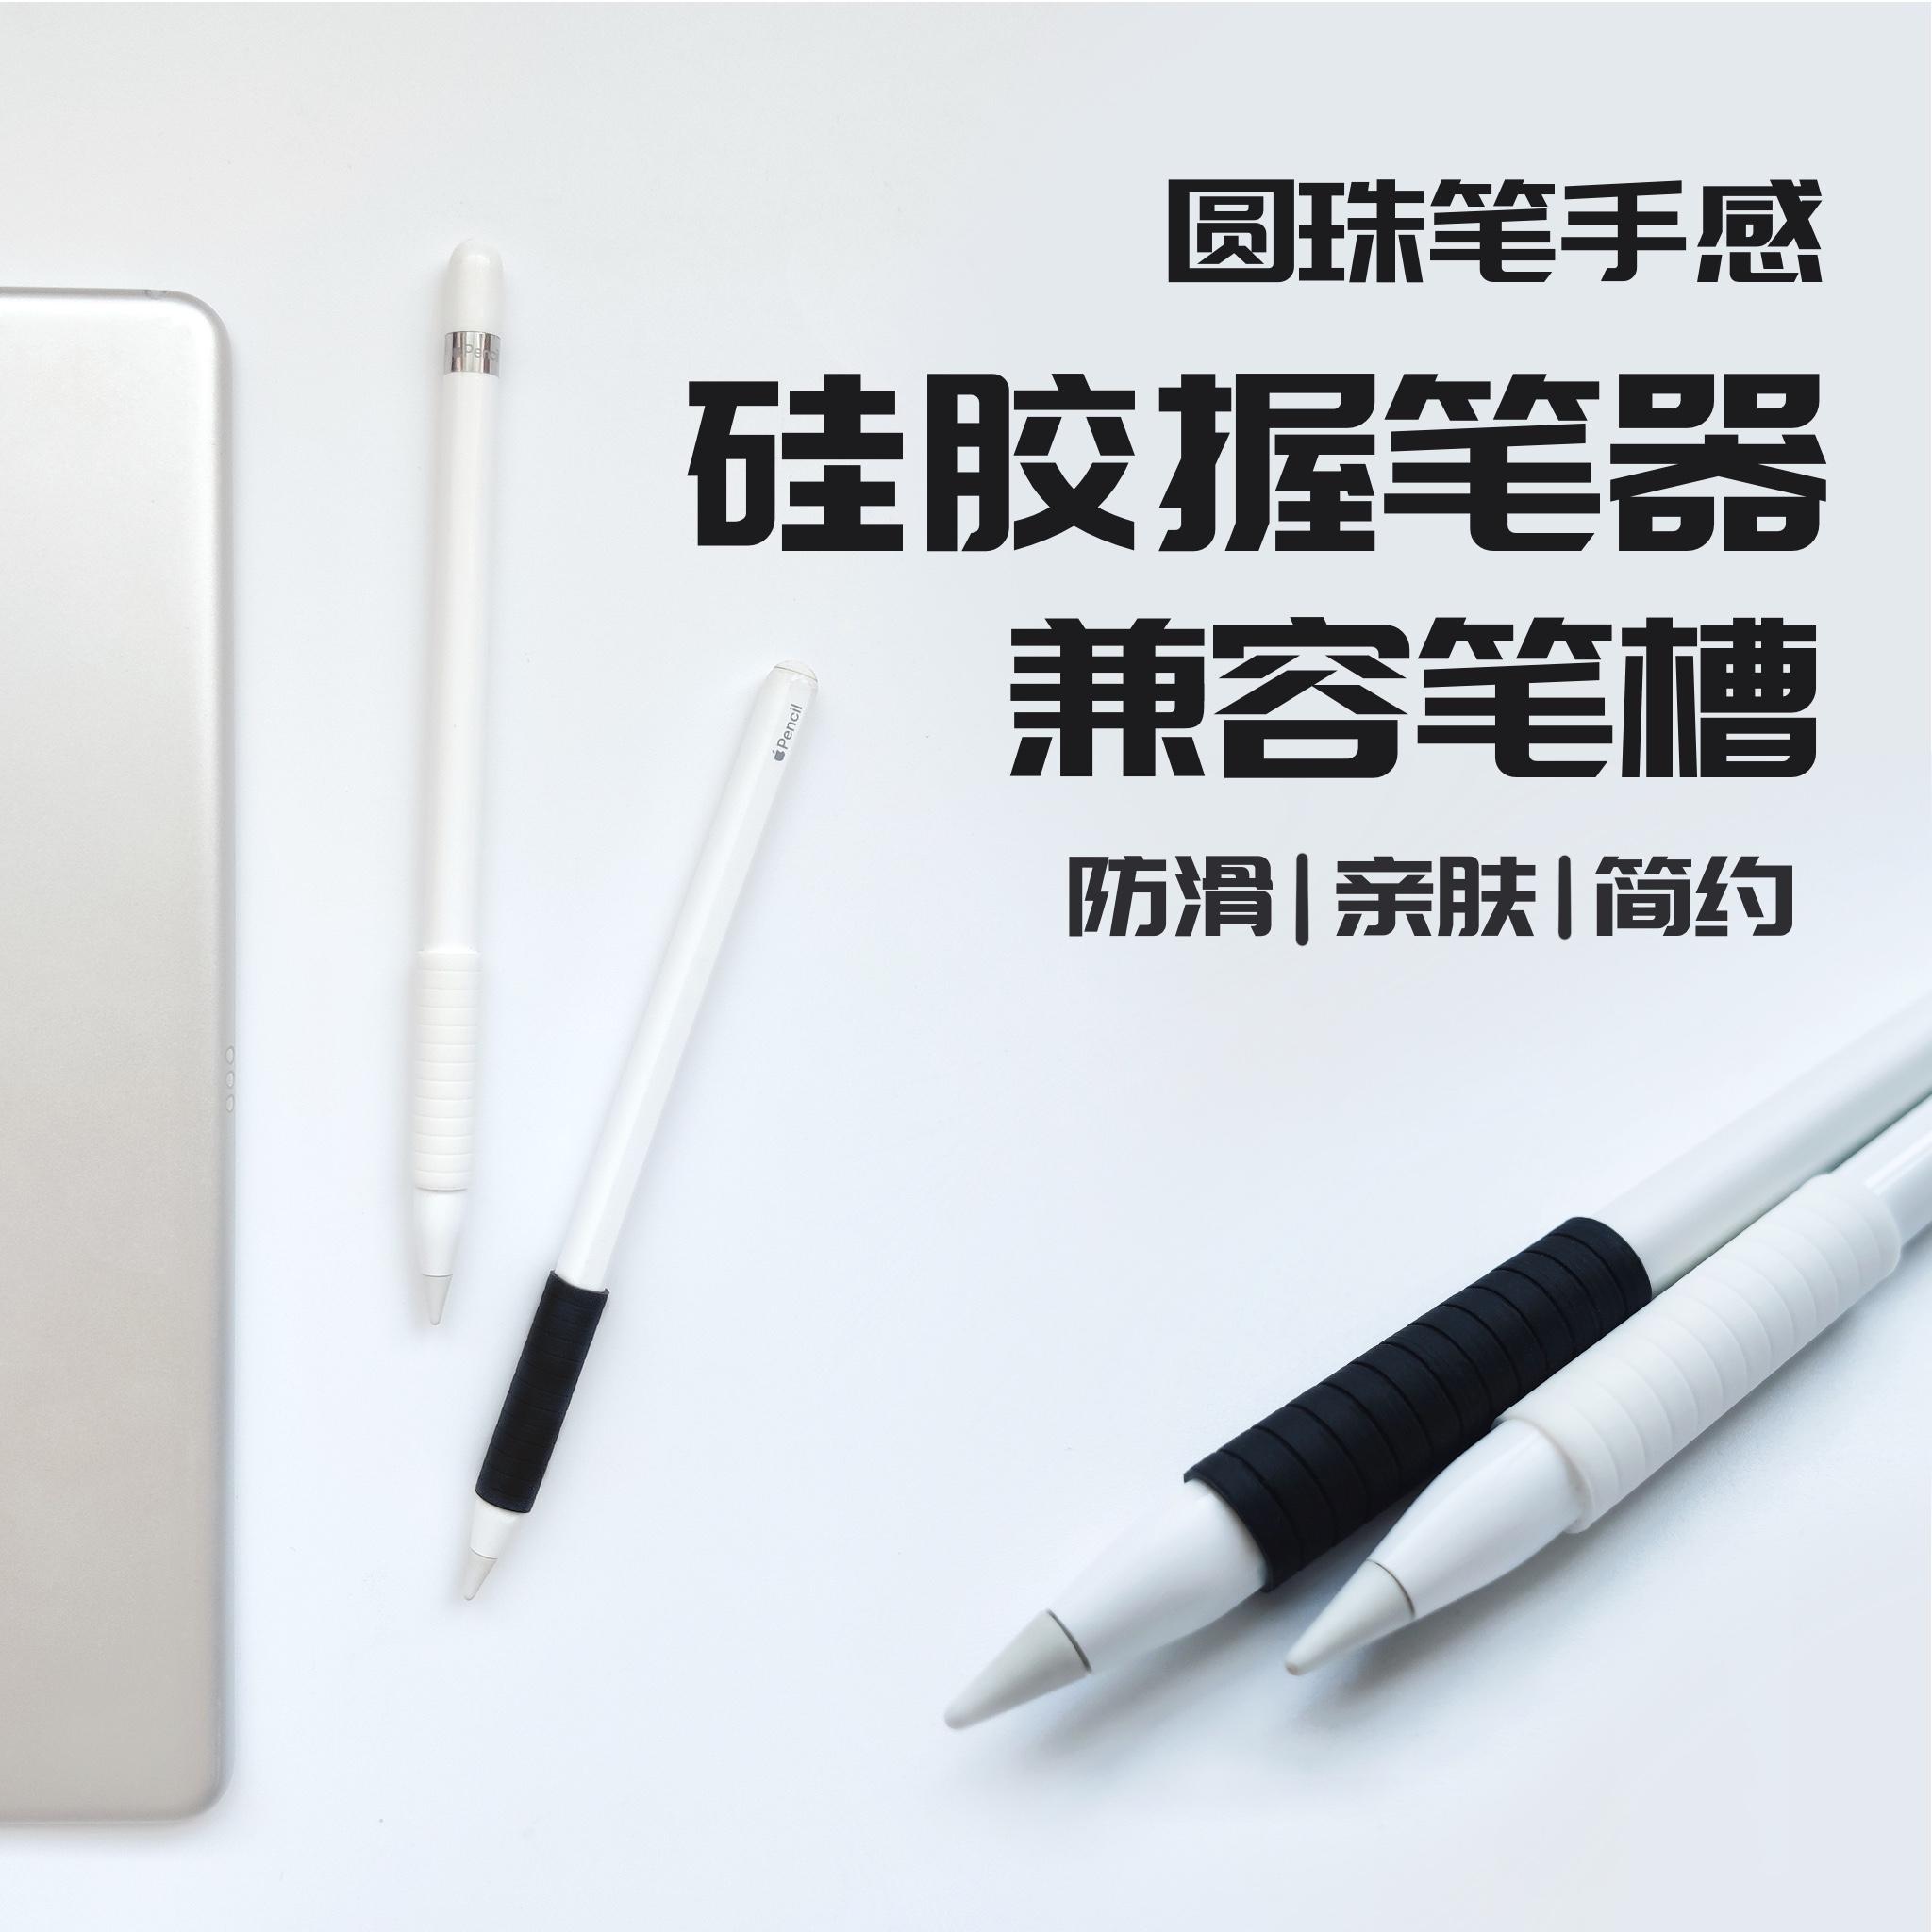 stylus pen สไตลัสถืออุปกรณ์ปากกาapplepencilรุ่นที่สองของปากกาสองรุ่นปากกาแบนกรณีซิลิโคนกันลื่น